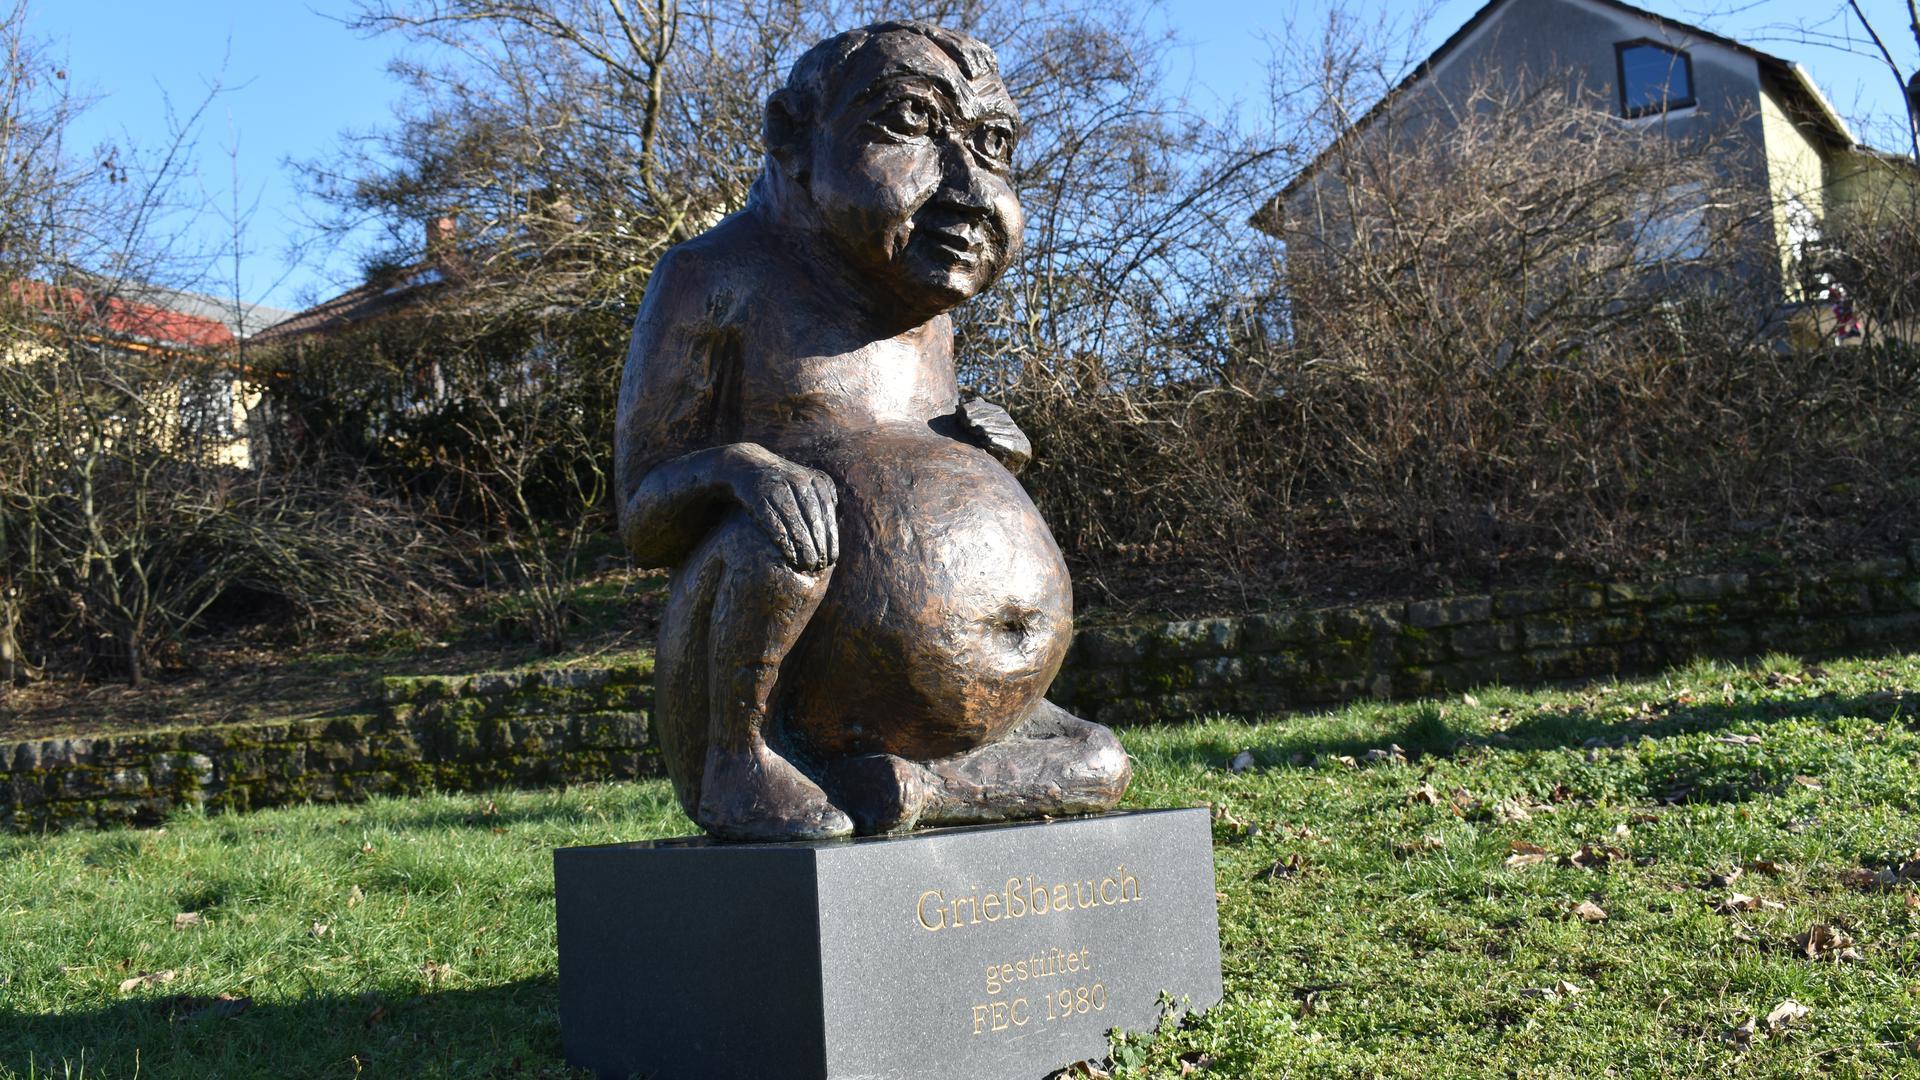 """Satt und zufrieden: Der """"Grießbauch"""" symbolisiert den Spitznamen der Forchheimer. Gestiftet wurde die Skulptur vom Forchheimer Elferrat-Club """"Die Grießbäuch""""."""